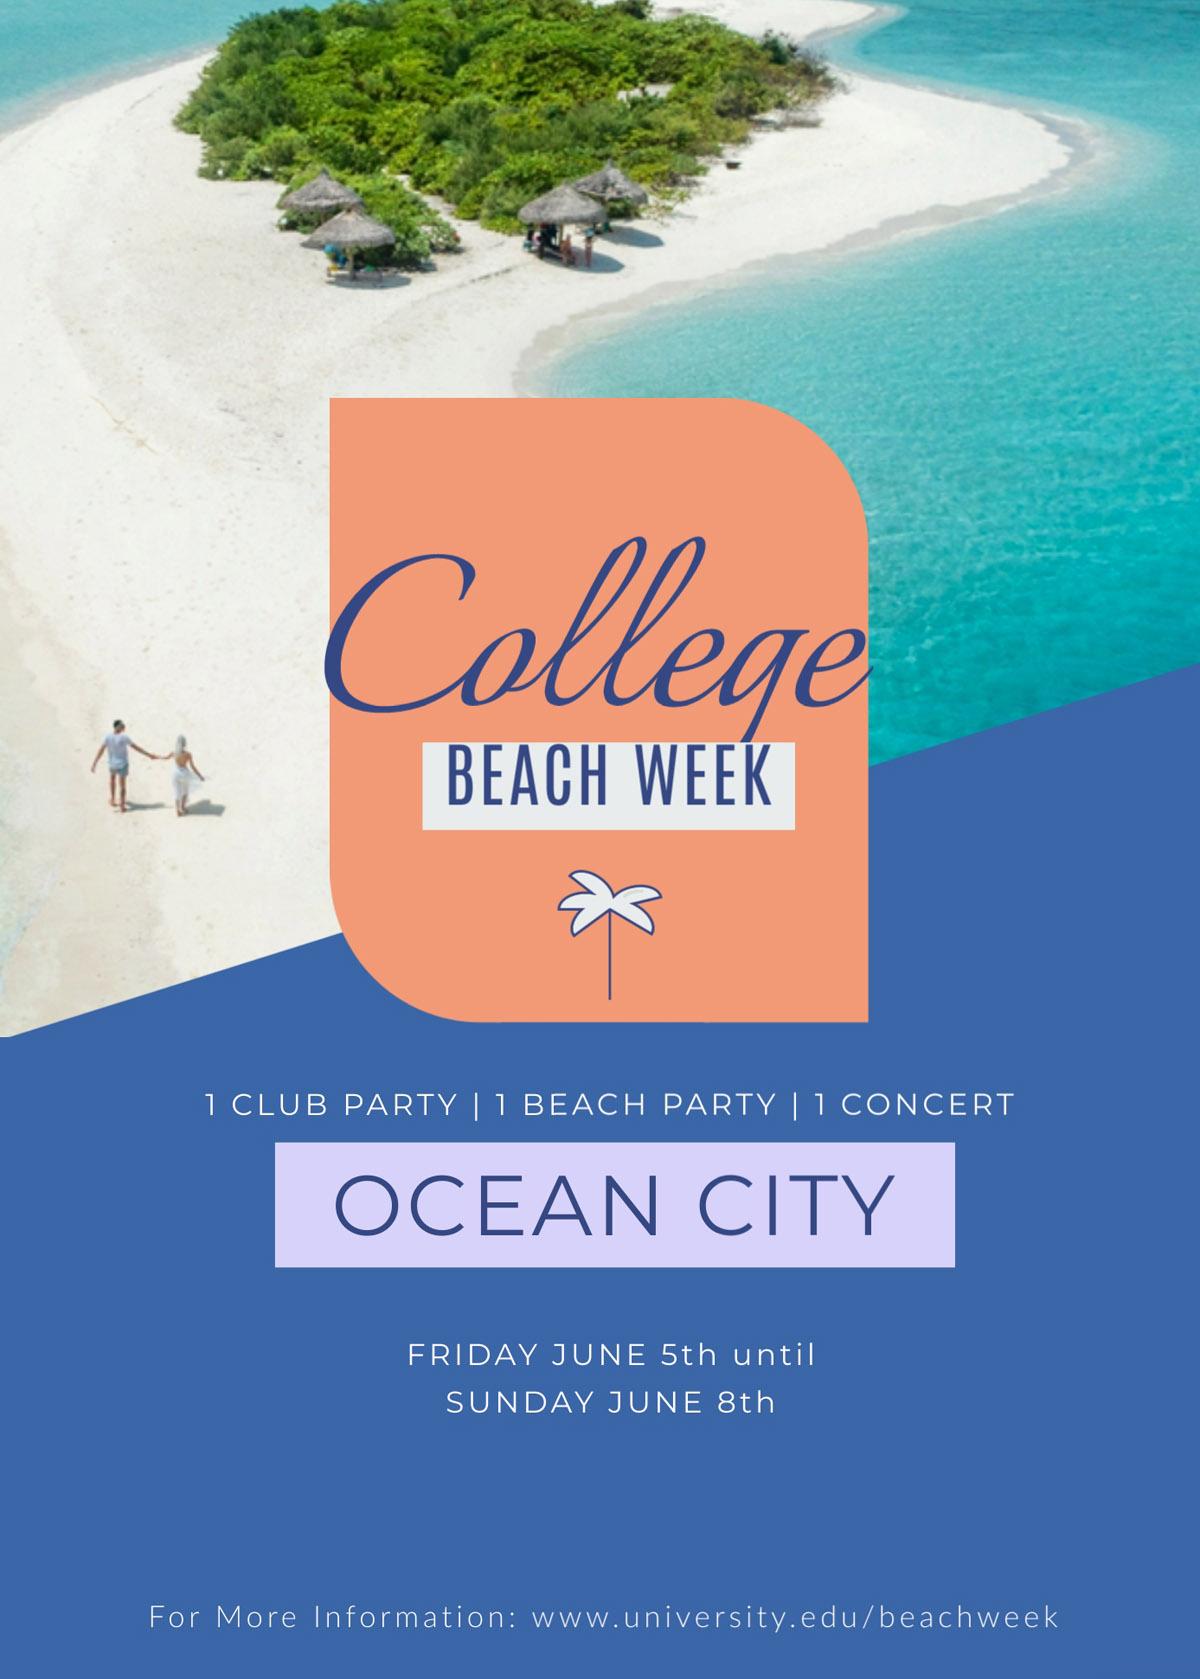 flyer templates - beach event